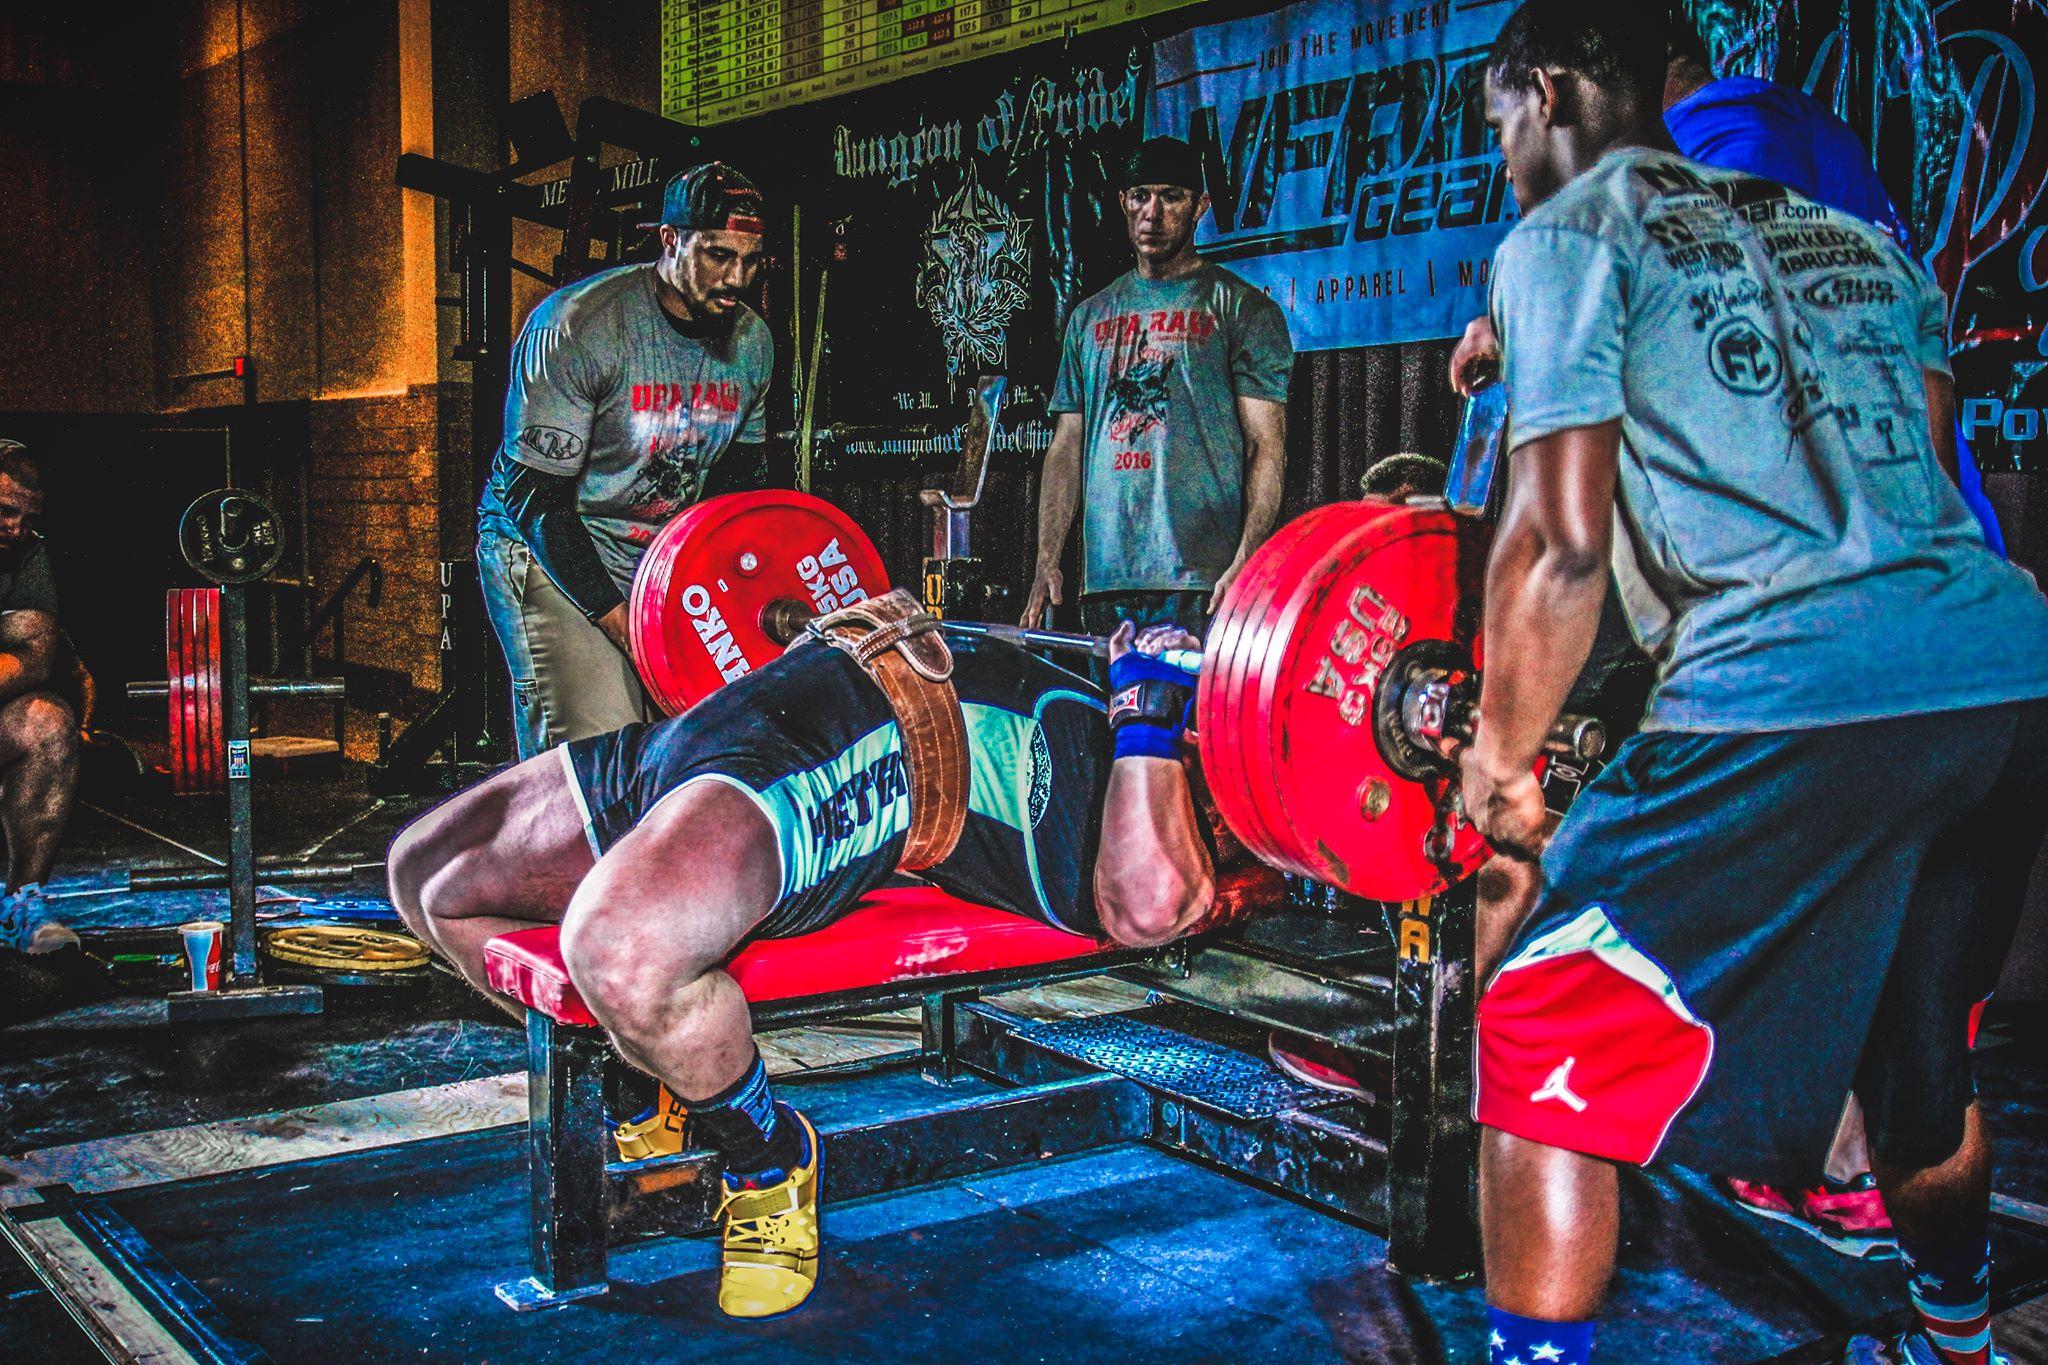 Matt Wenning – 611 lbs.